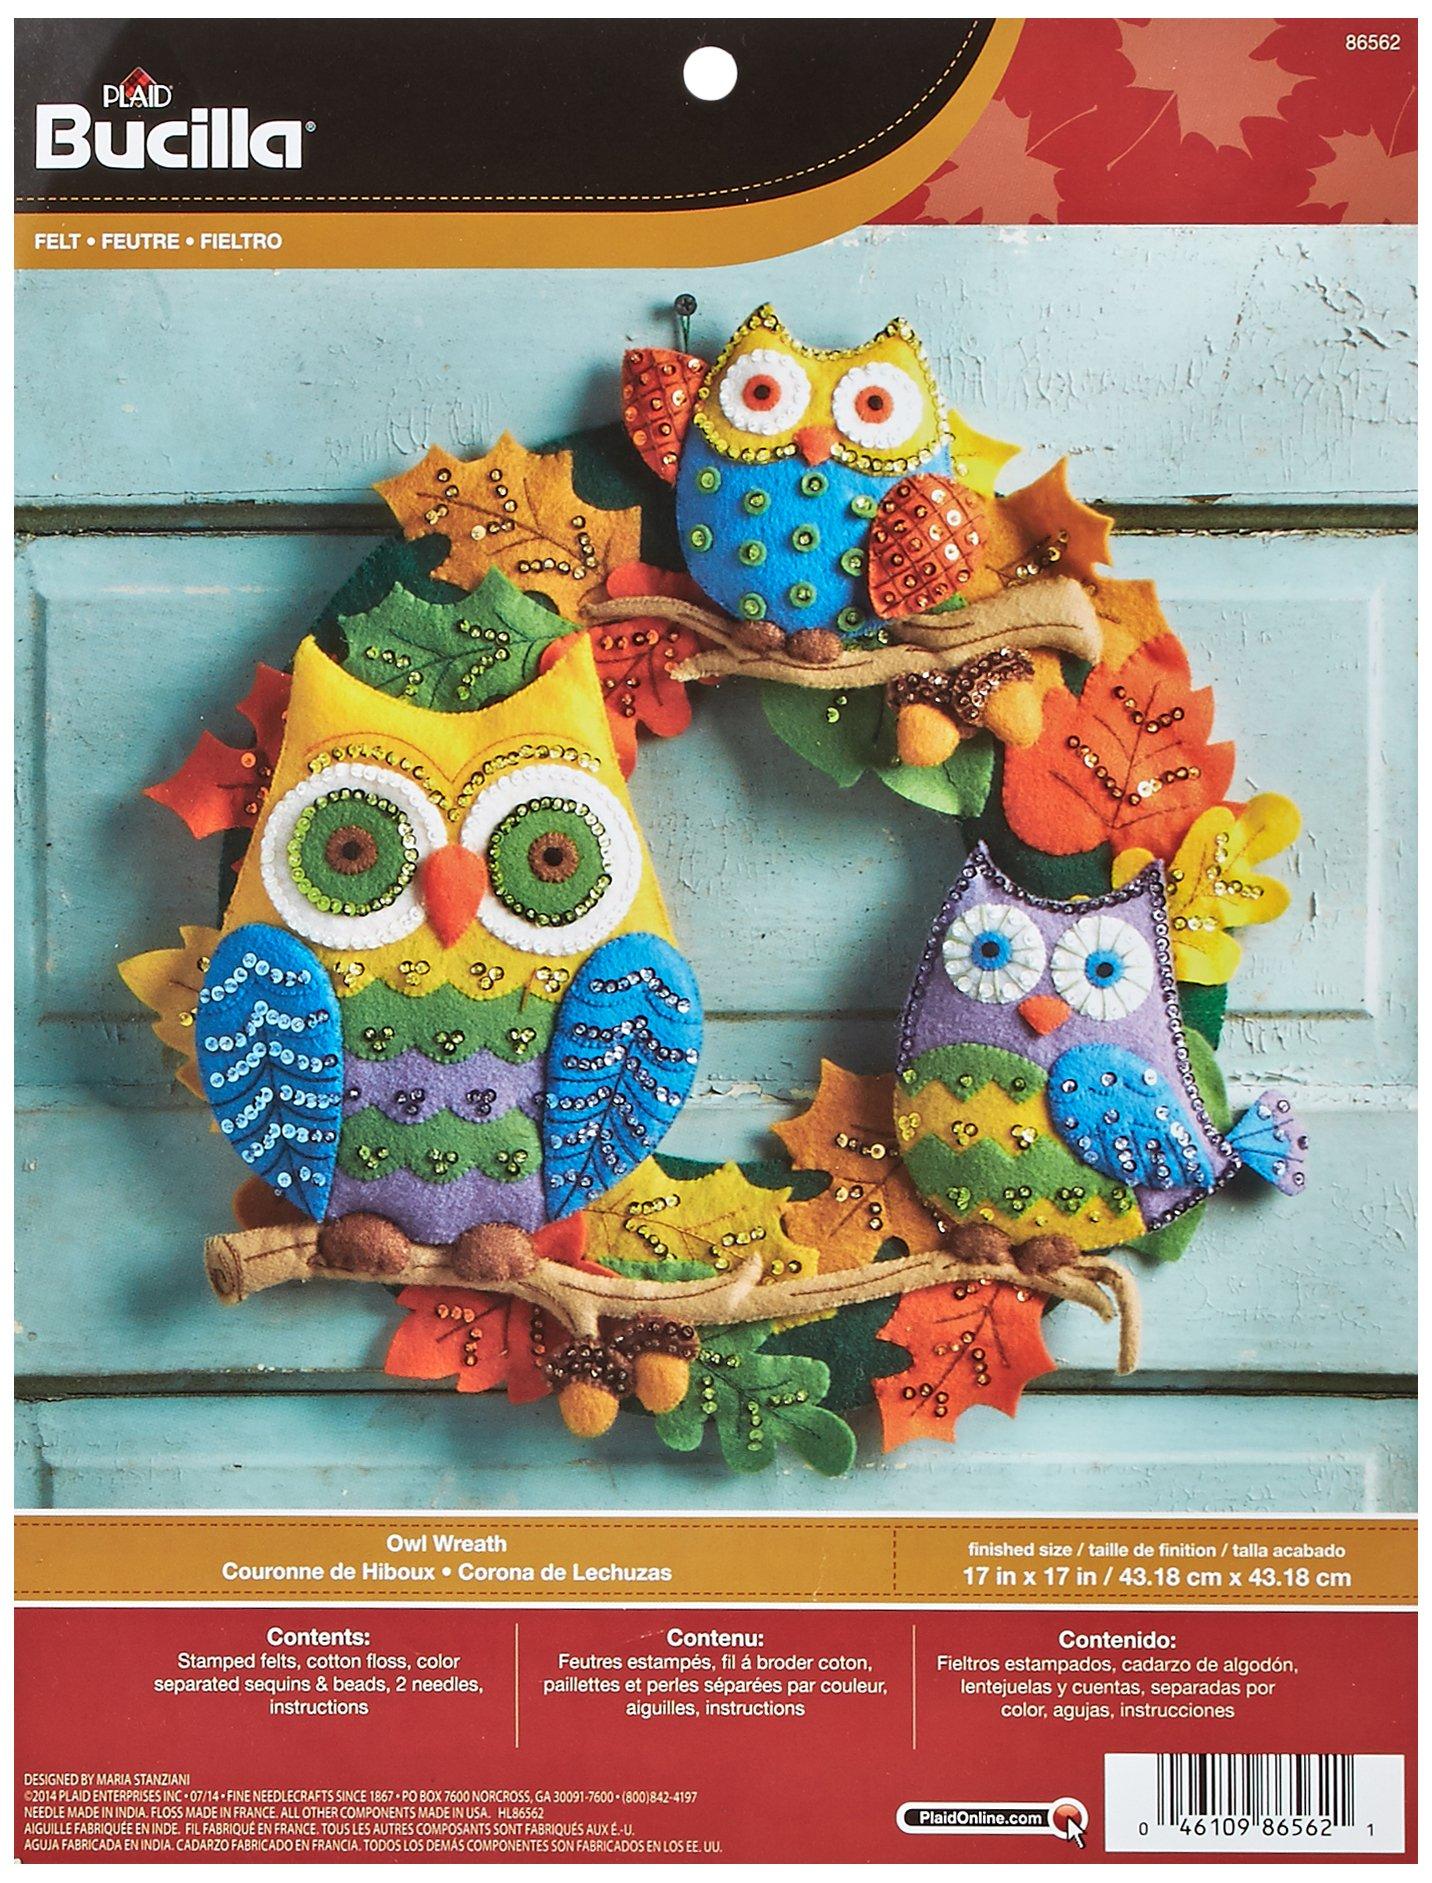 Bucilla Felt Applique Wall Hanging Kit, 17 by 17-Inch, 86562 Owl Wreath